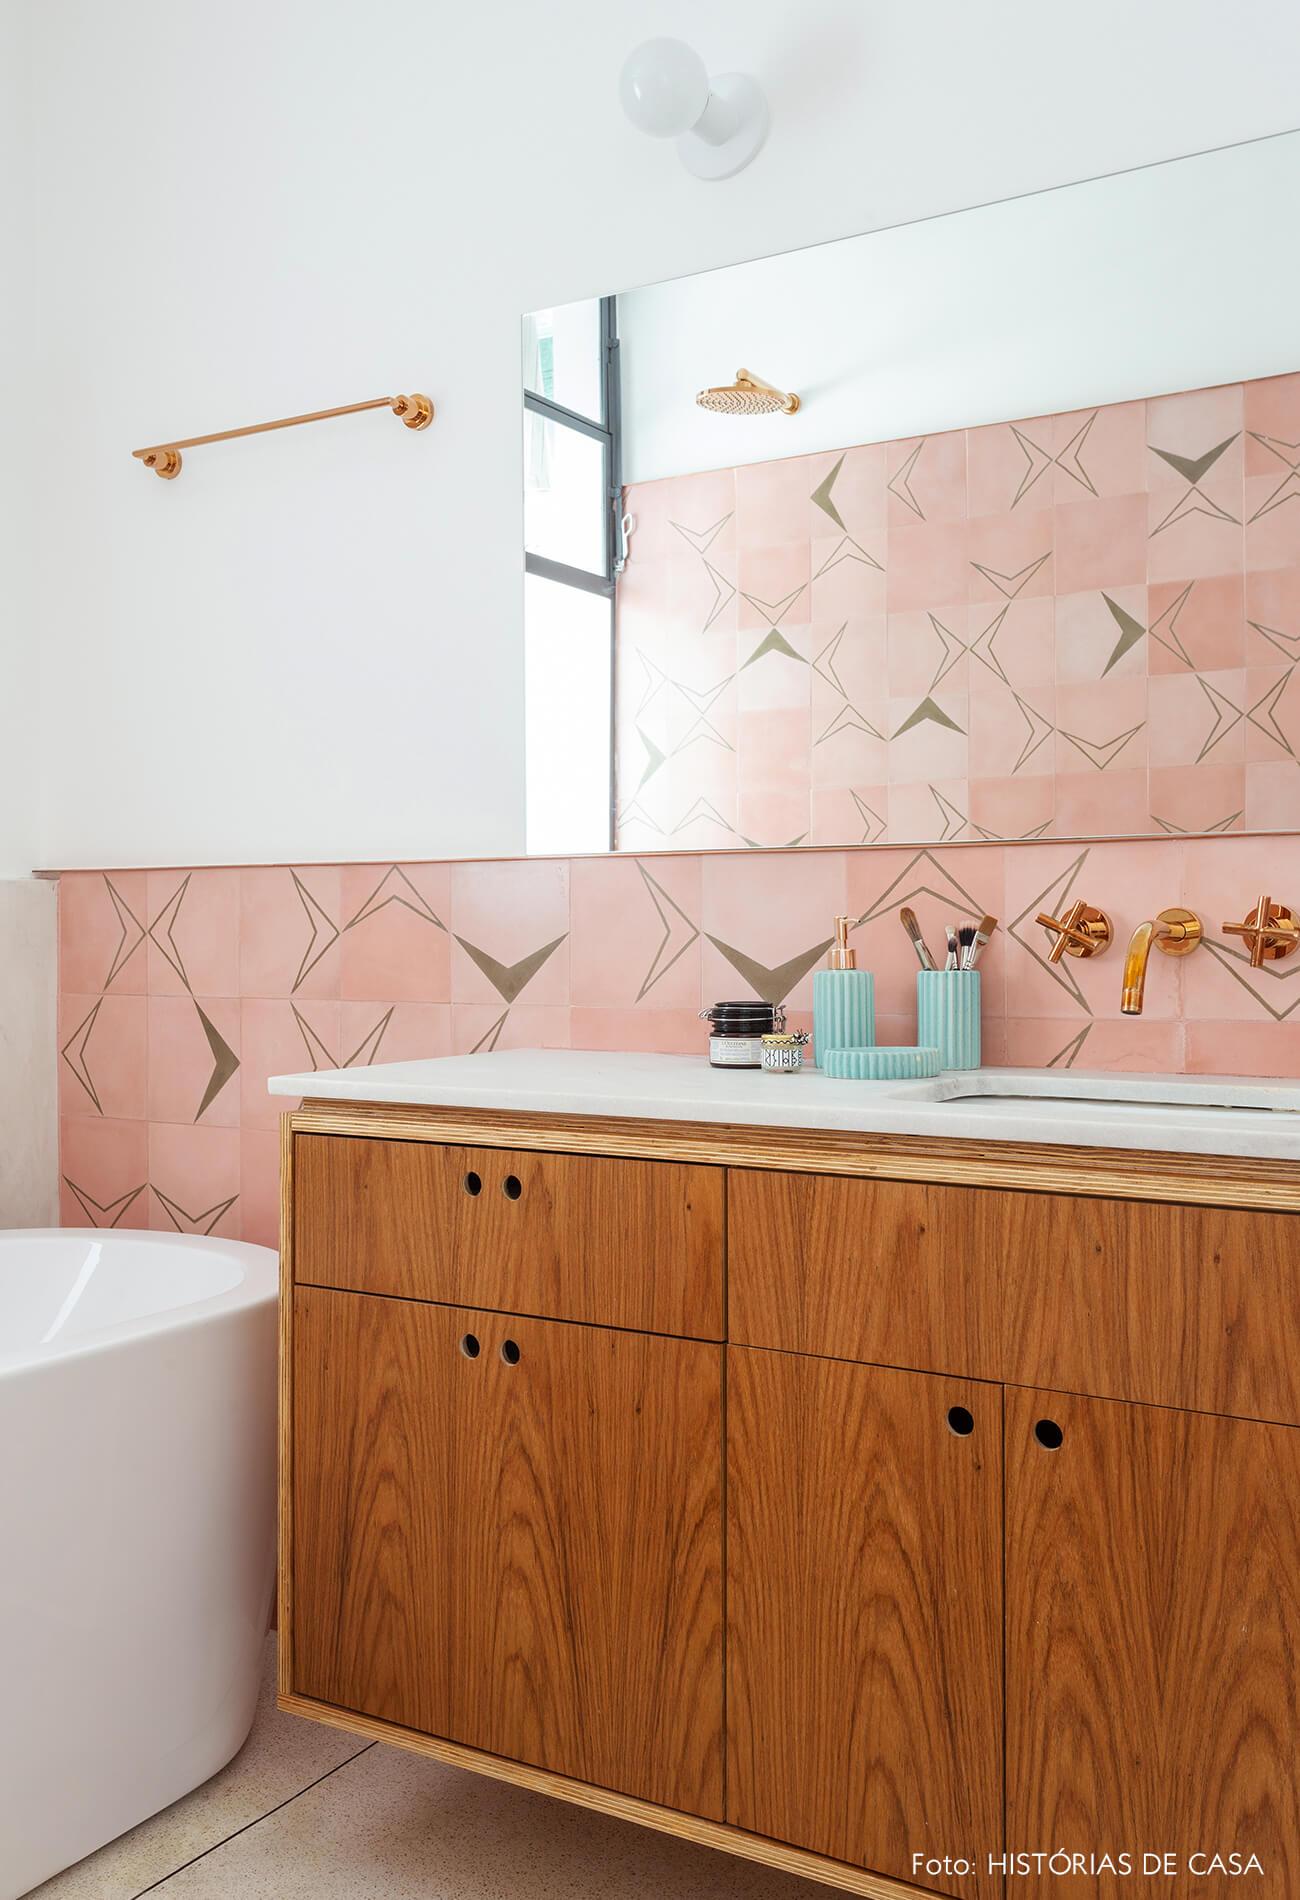 Banheiro com parede de ladrilhos hidráulicos rosa e banheira